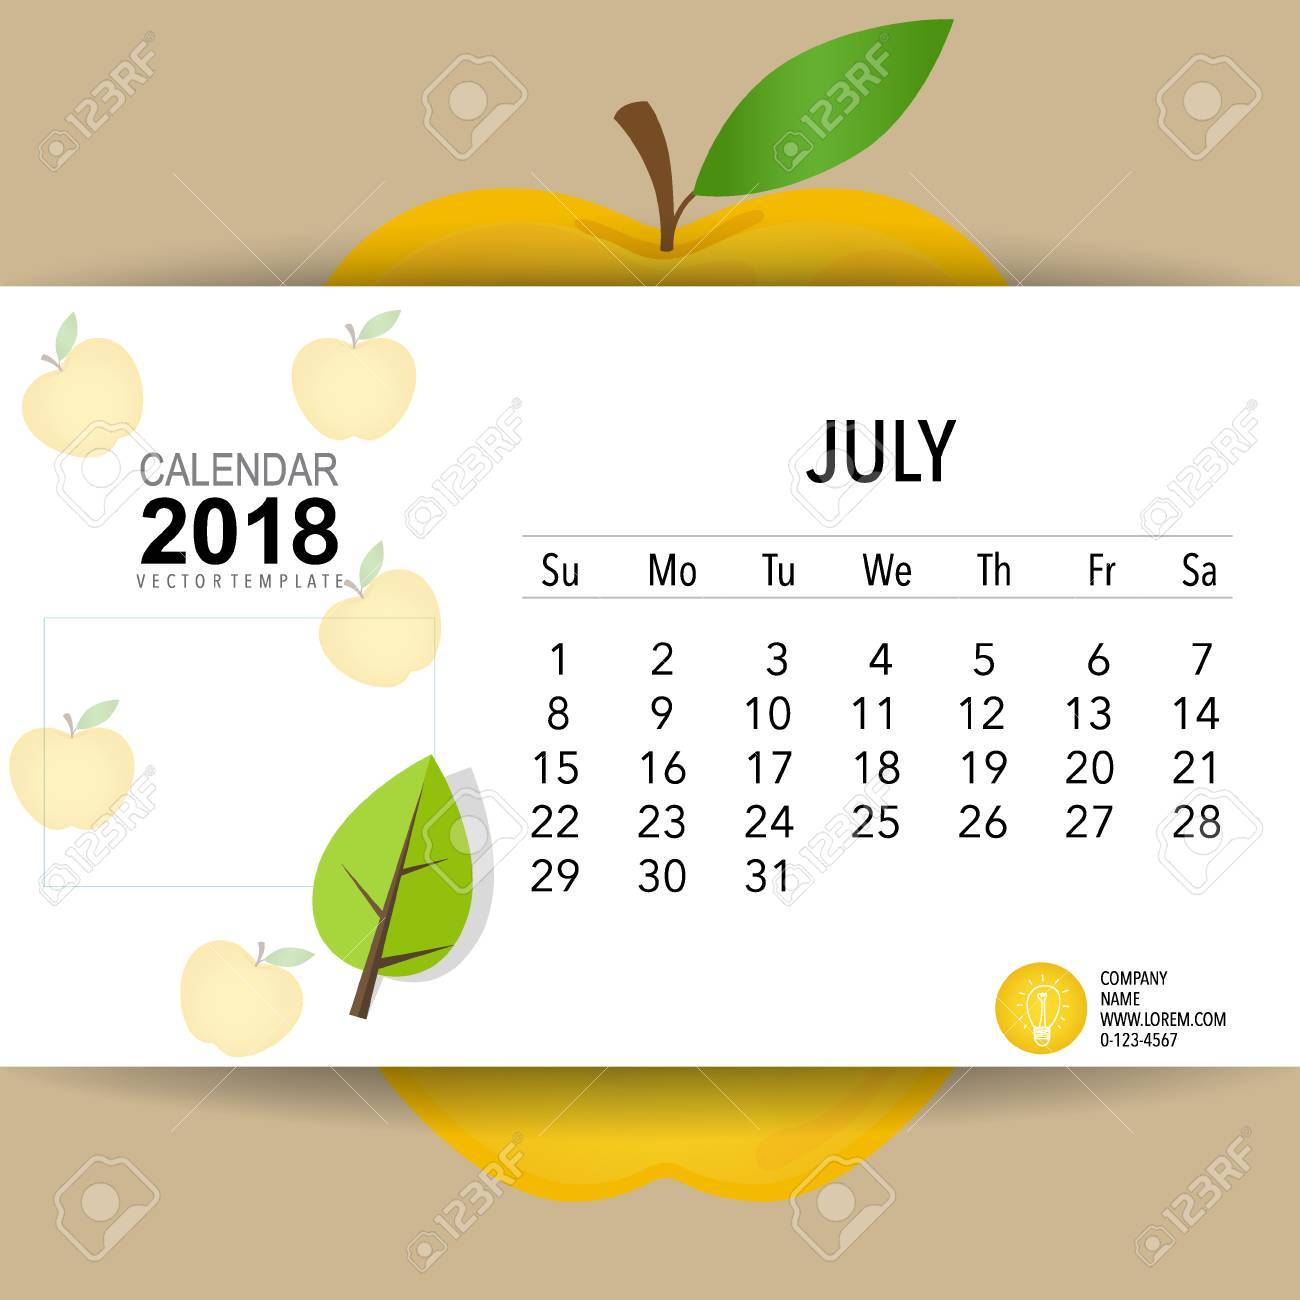 2018 Calendar Planner Vector Design Monthly Calendar Template